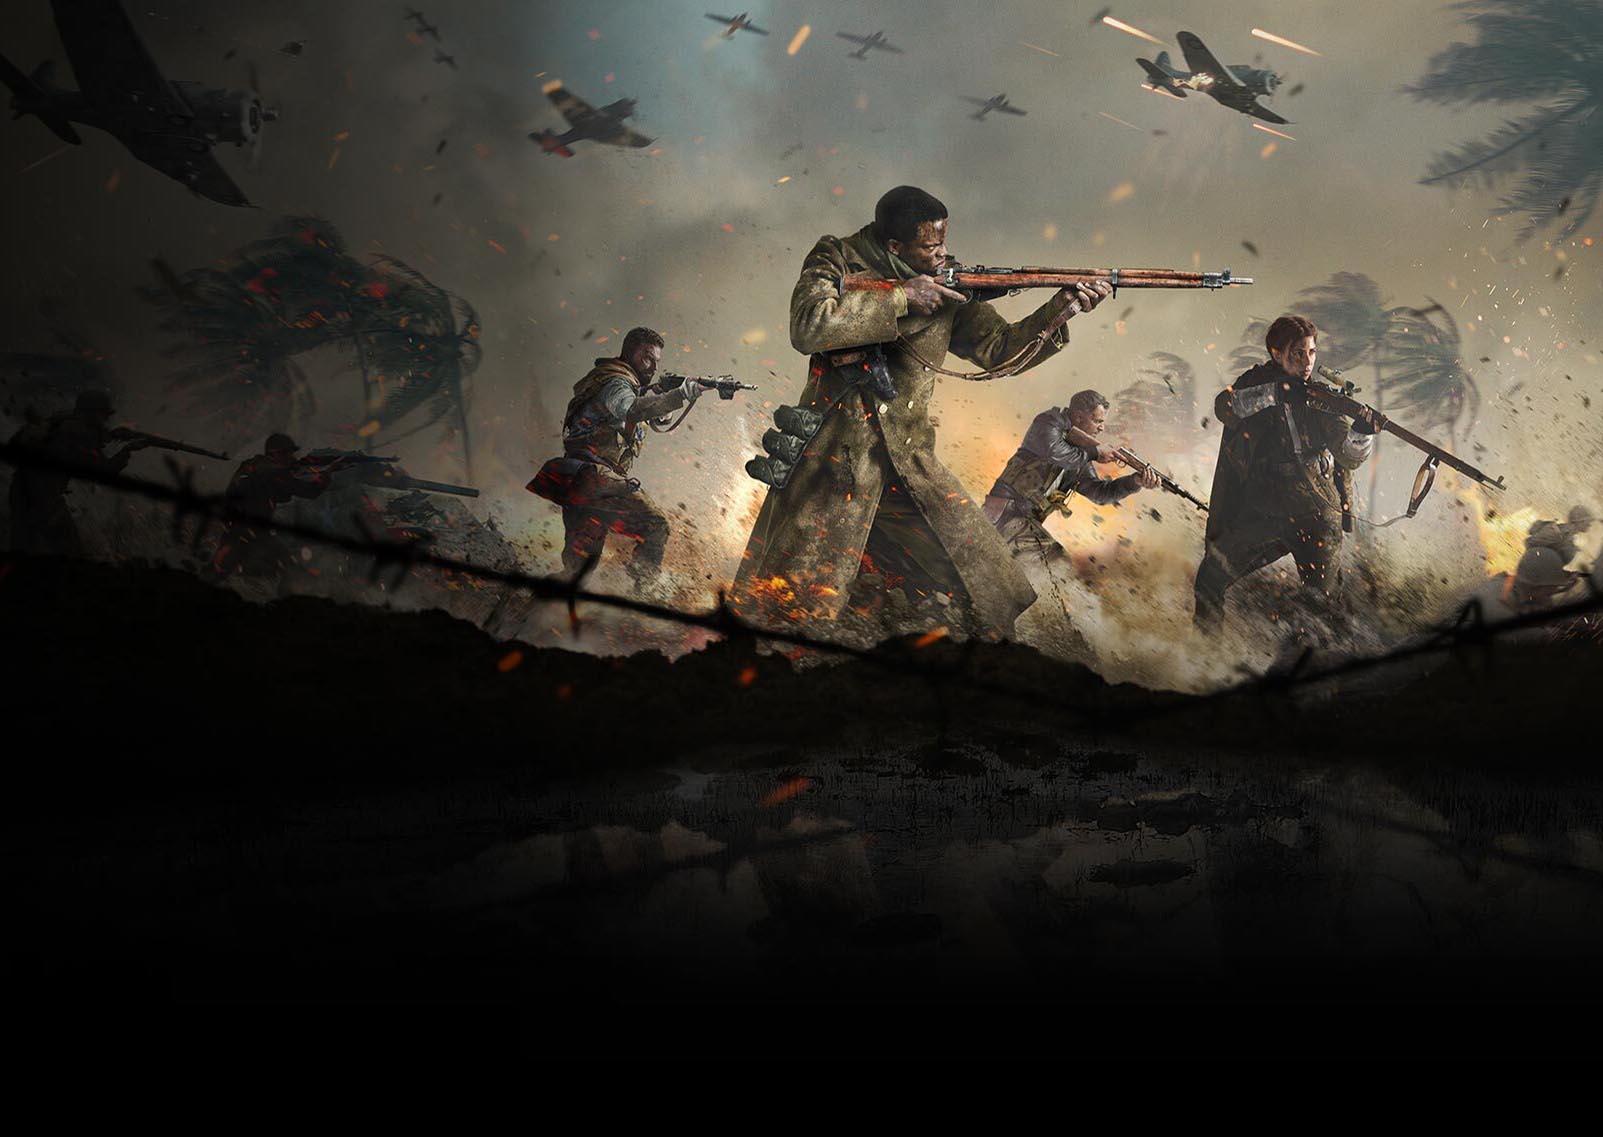 Разработчики анонсировали скорый бета-тест мультиплеера Call of Duty: Vanguard и новую карту в Call of Duty: Warzone - ITC.ua